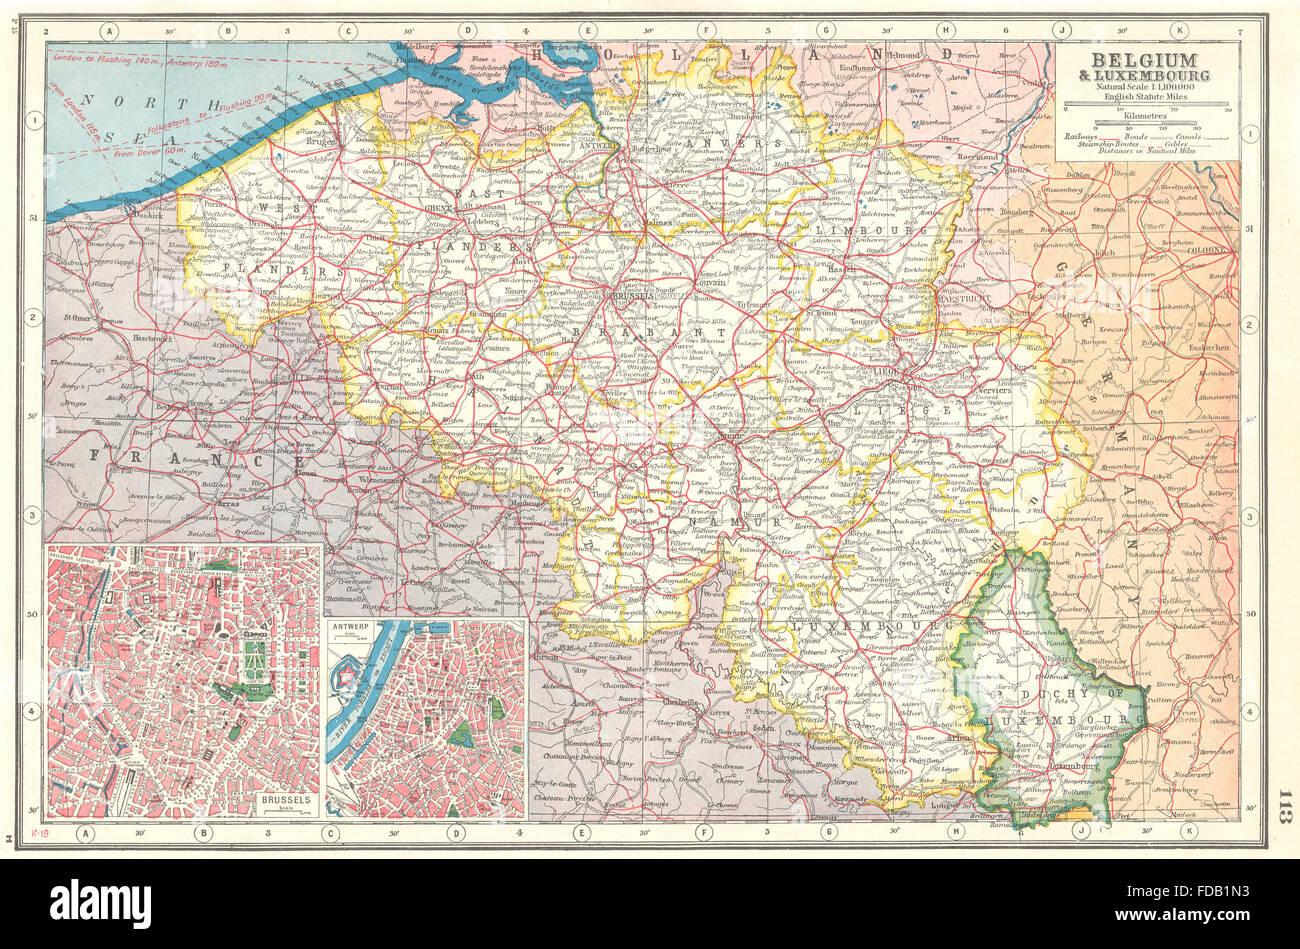 BELGIUM LUXEMBOURG Railways canals Inset Brussels Antwerp